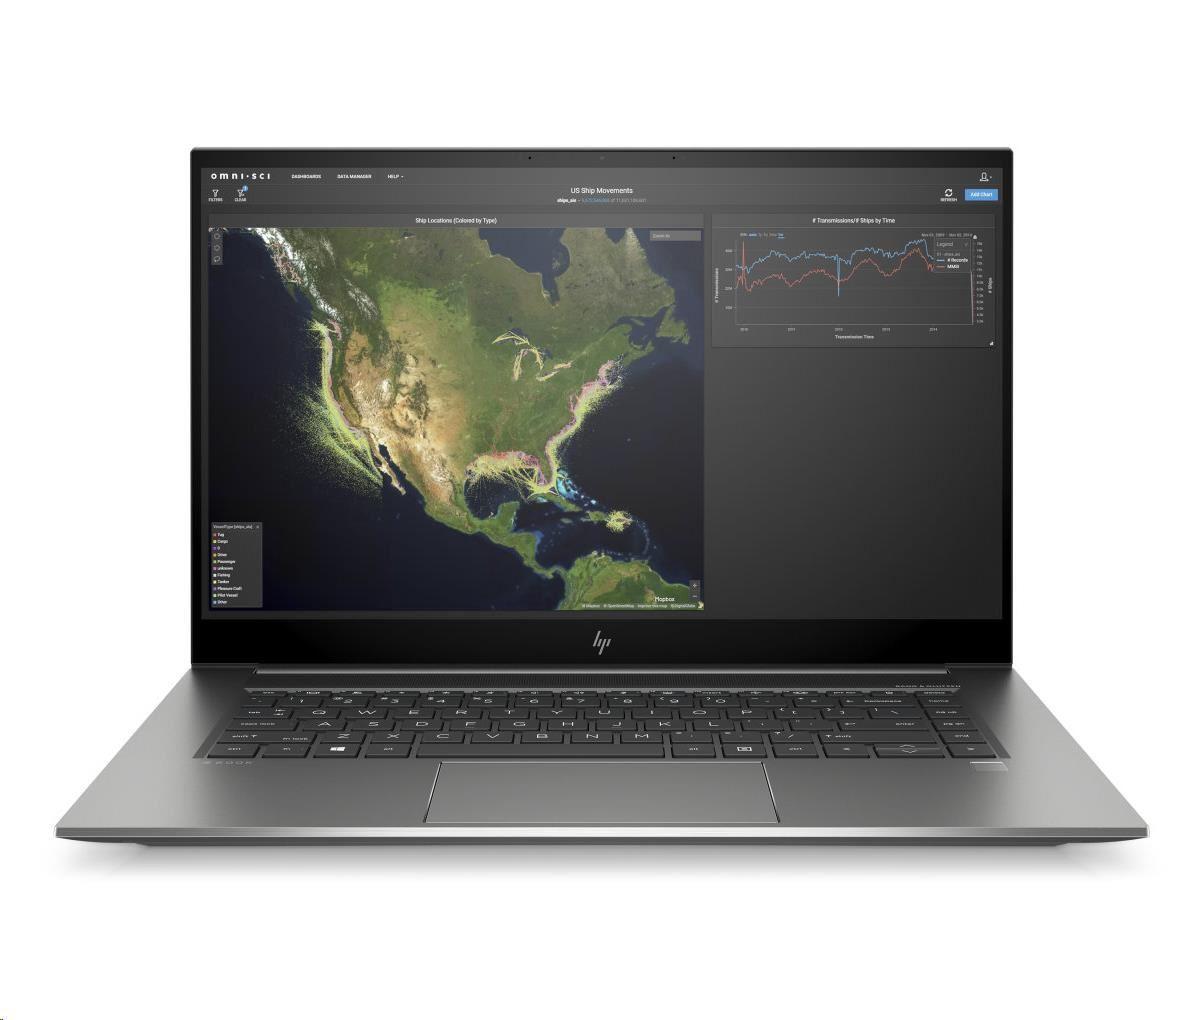 HP ZBook Studio G7 i7-10850H, 15.6 FHD AG LED 400, 32GB, 1TB NVMe m.2, RTX3000 Max-Q/6GB, WiFi AX, B